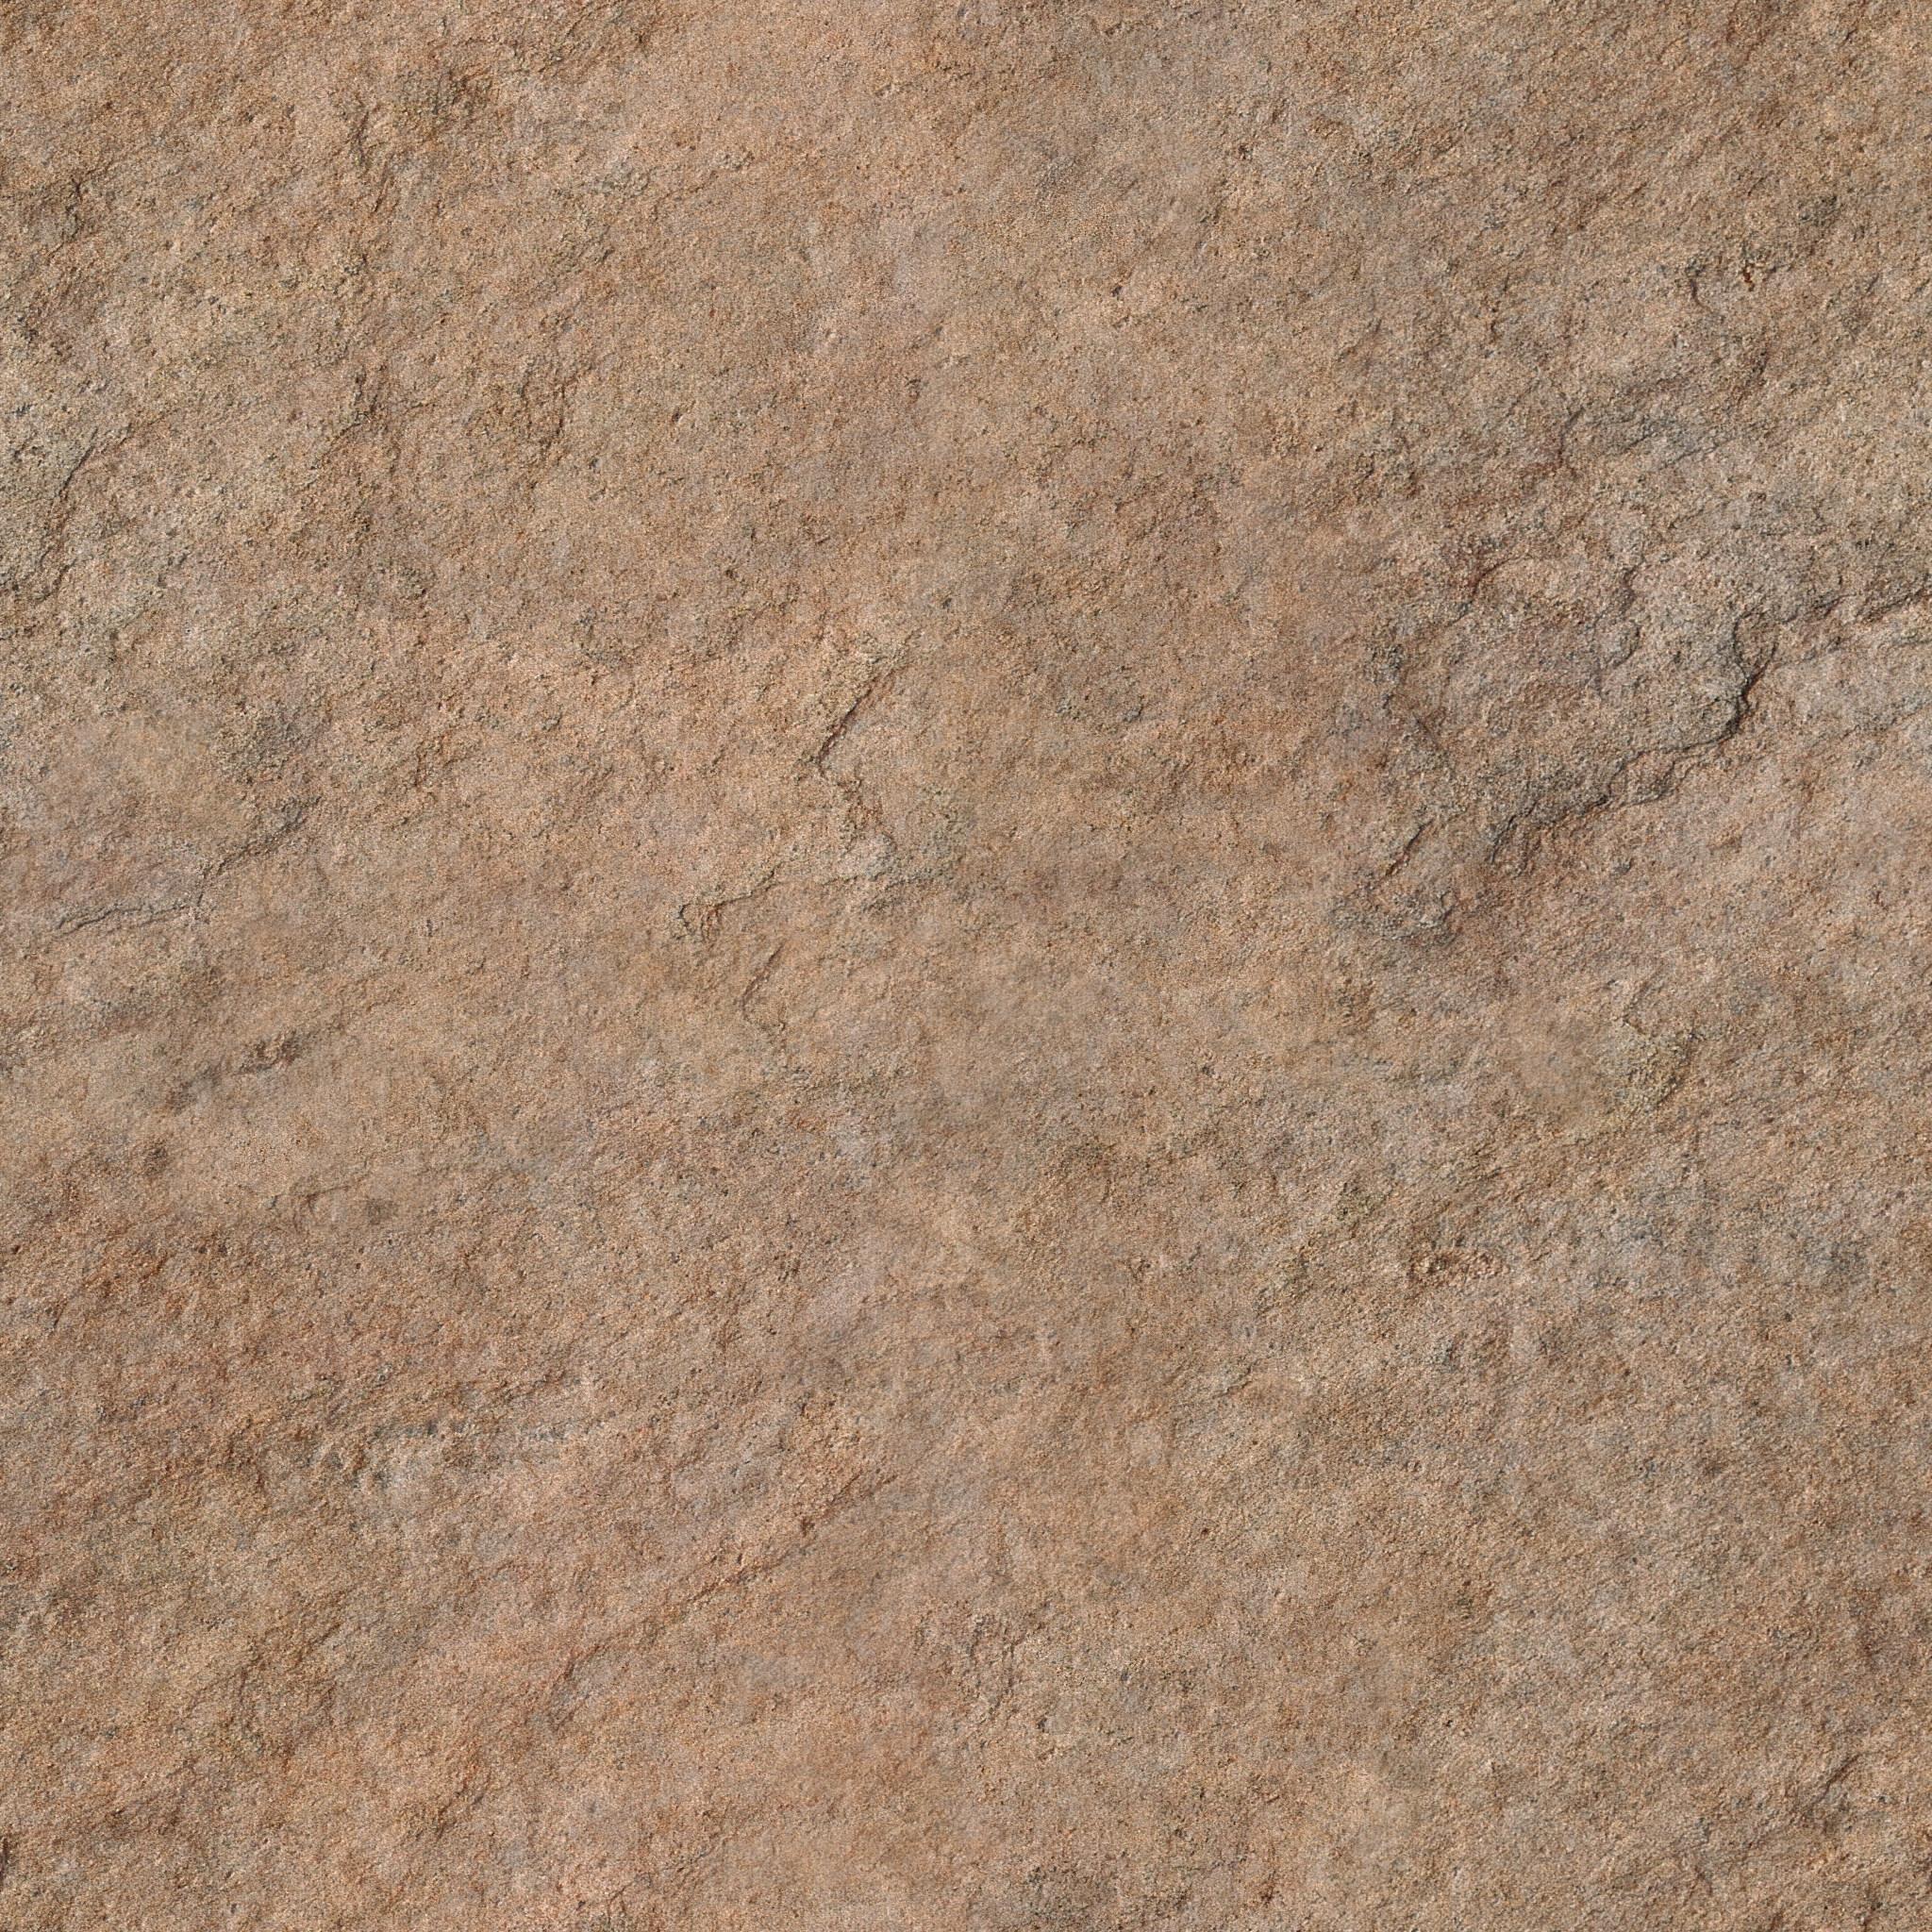 Sandstone - Seamless - 2K.